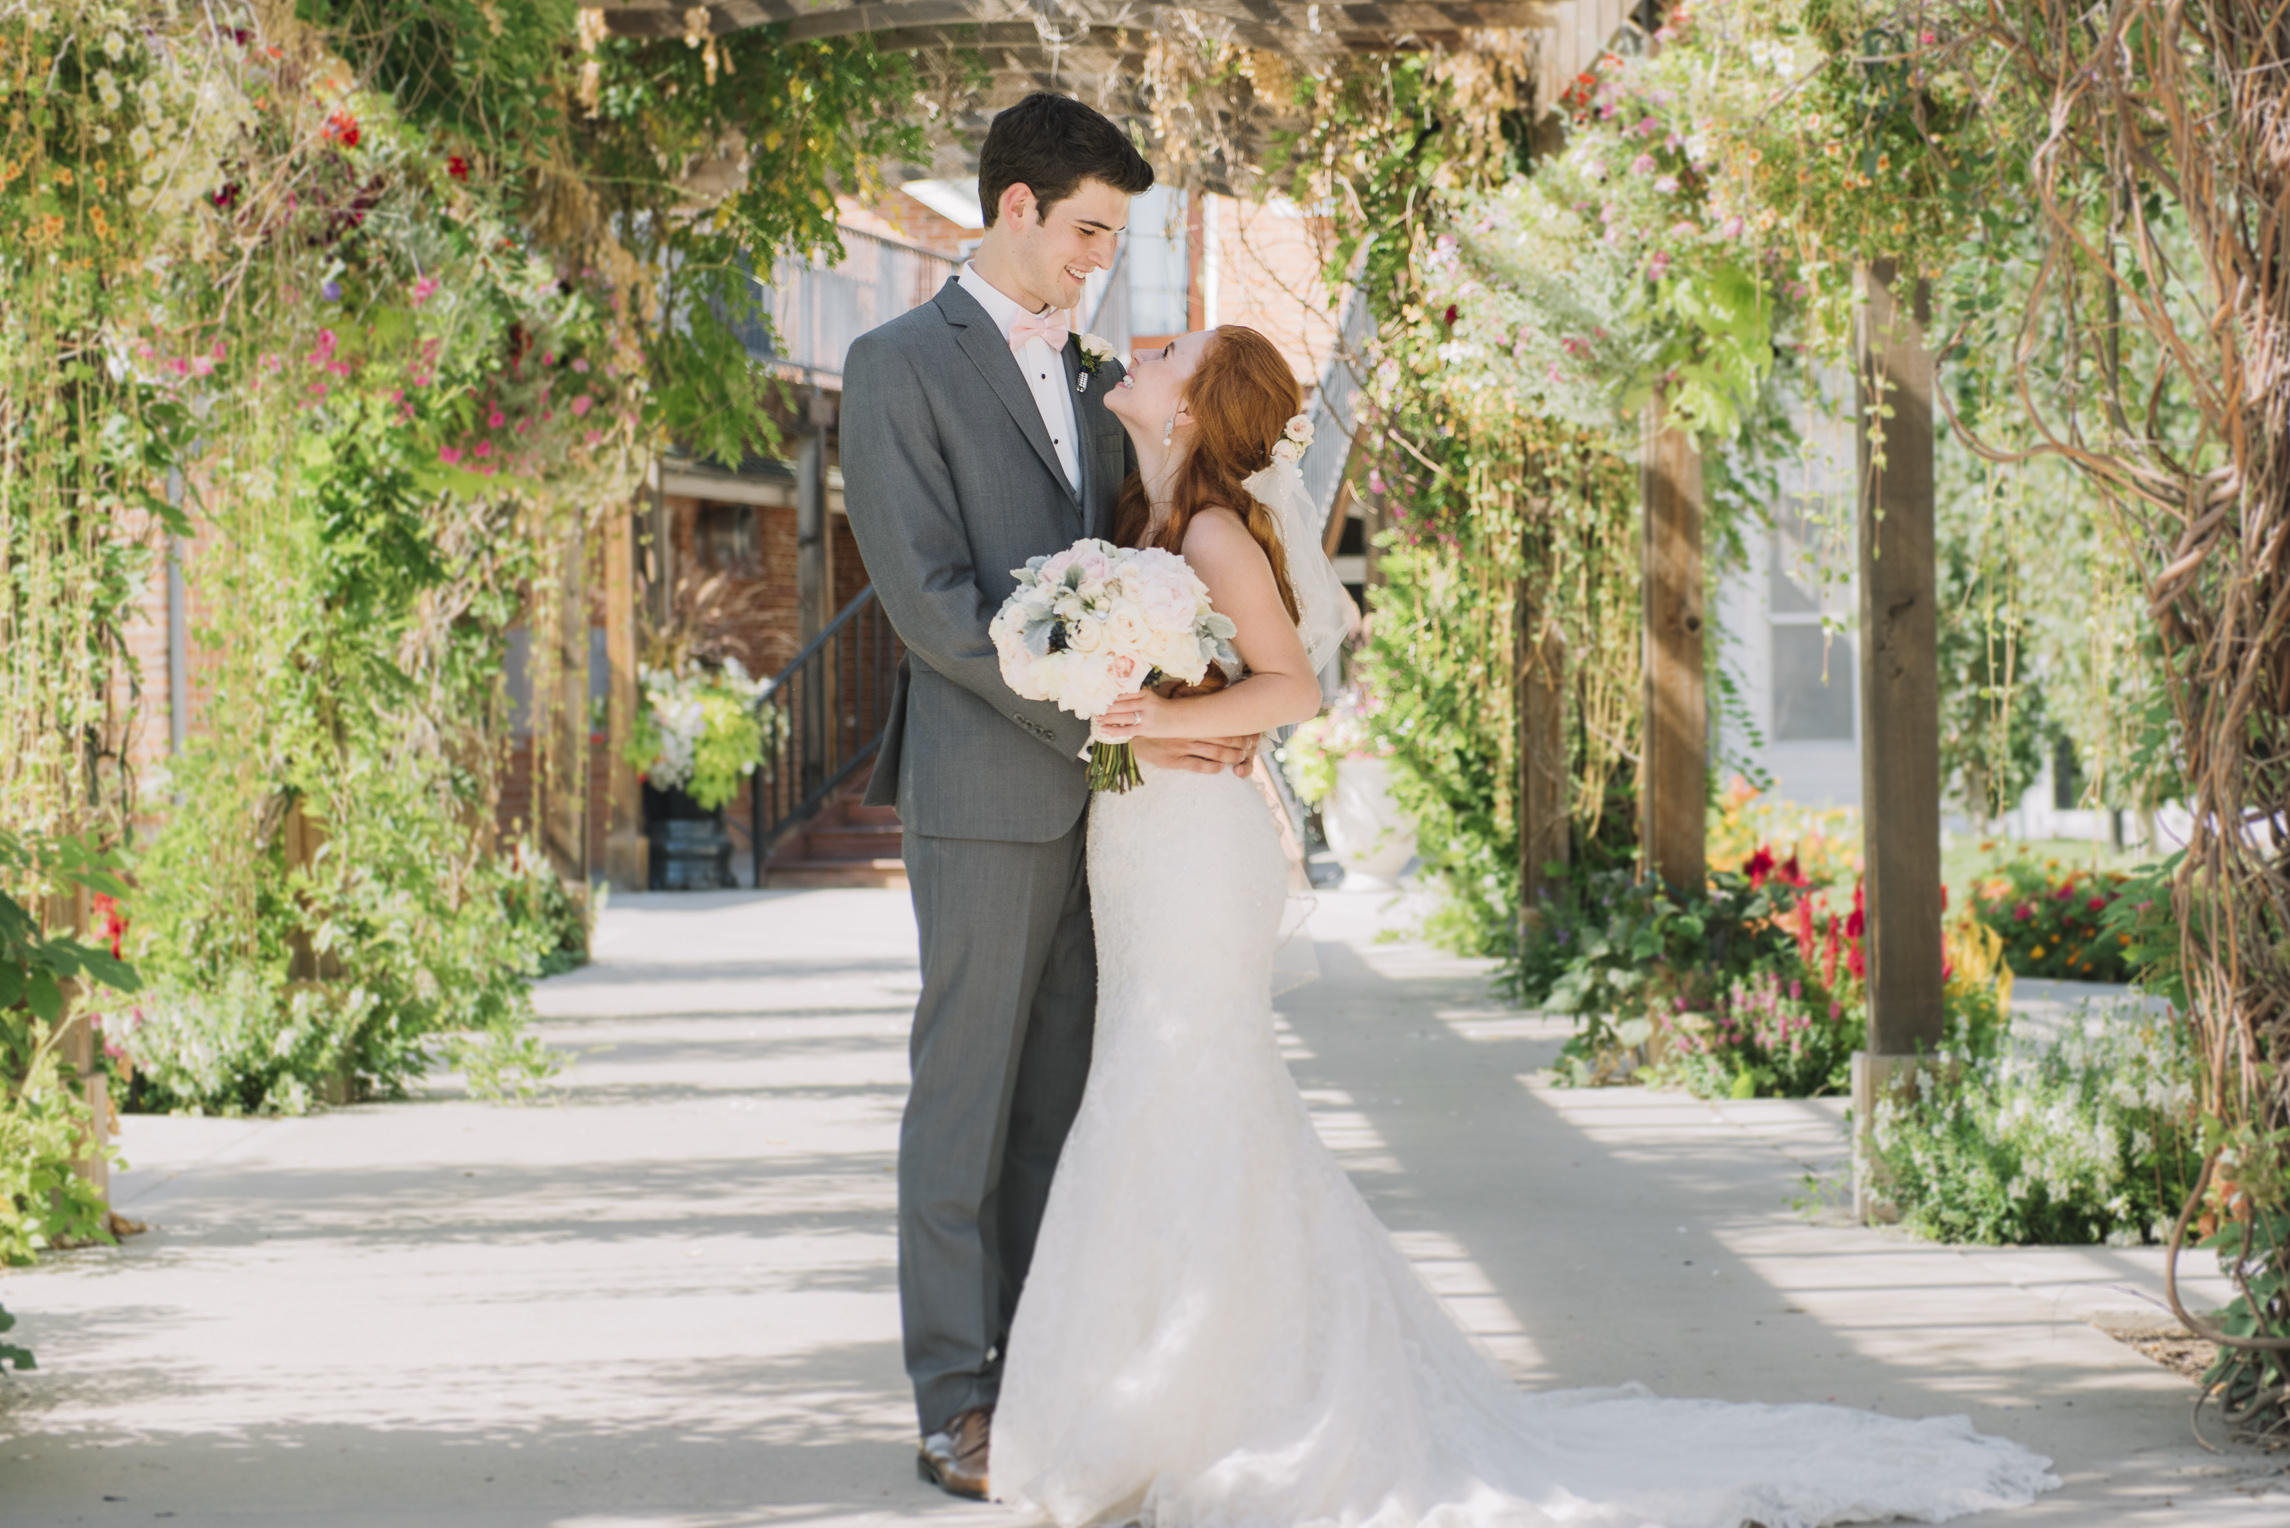 web sized images -- no to print --CALVIN & MCKYLEY WEDDING PHOTOS - COLORADO PHOTOGRAPHER - DEBI RAE PHOTOGRAPHY-1321.jpg